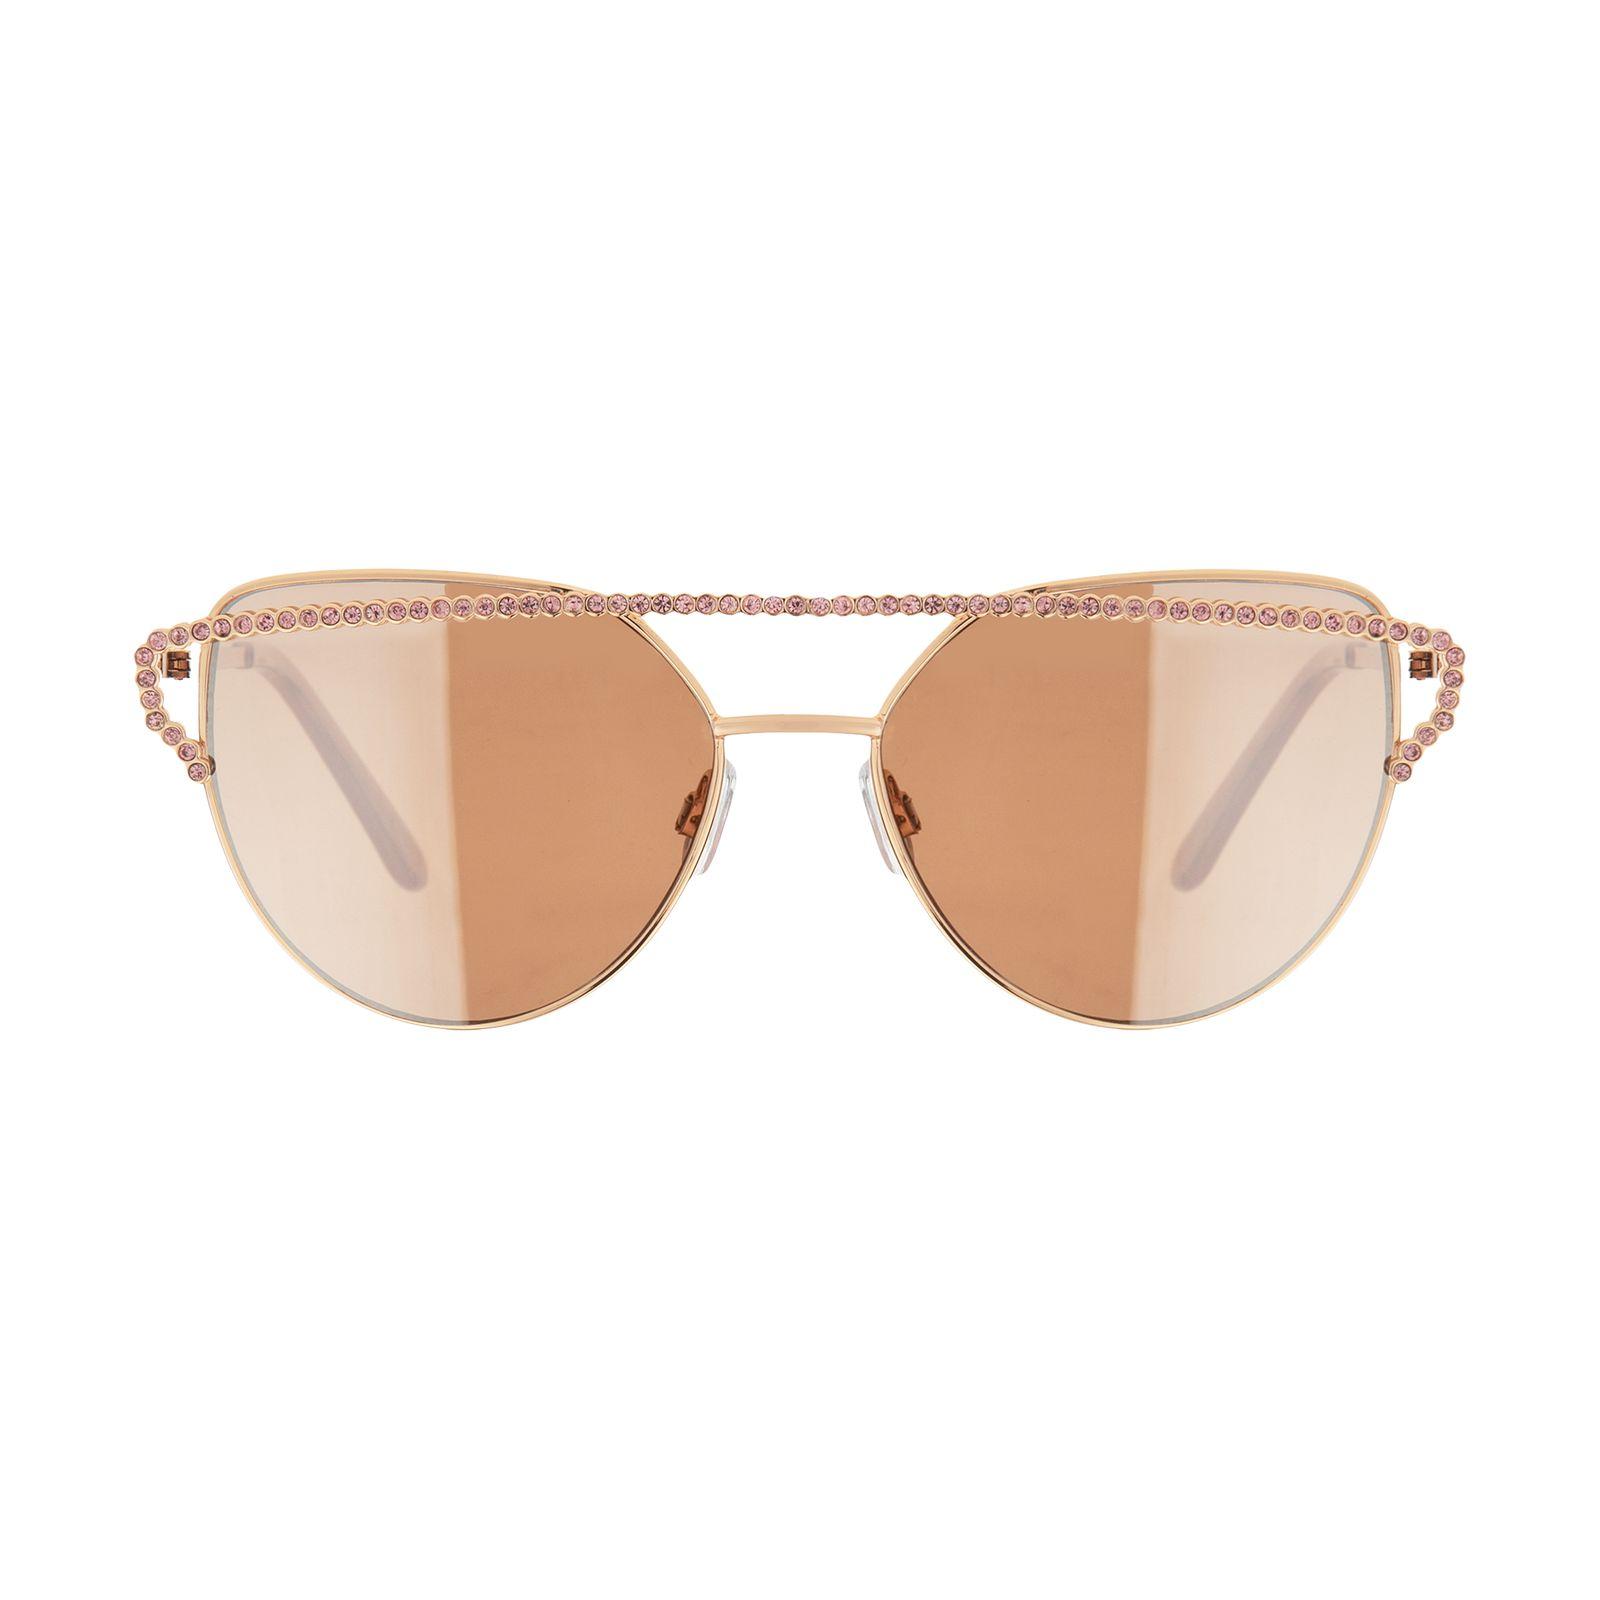 عینک آفتابی زنانه آلدو مدل 57302325 -  - 2